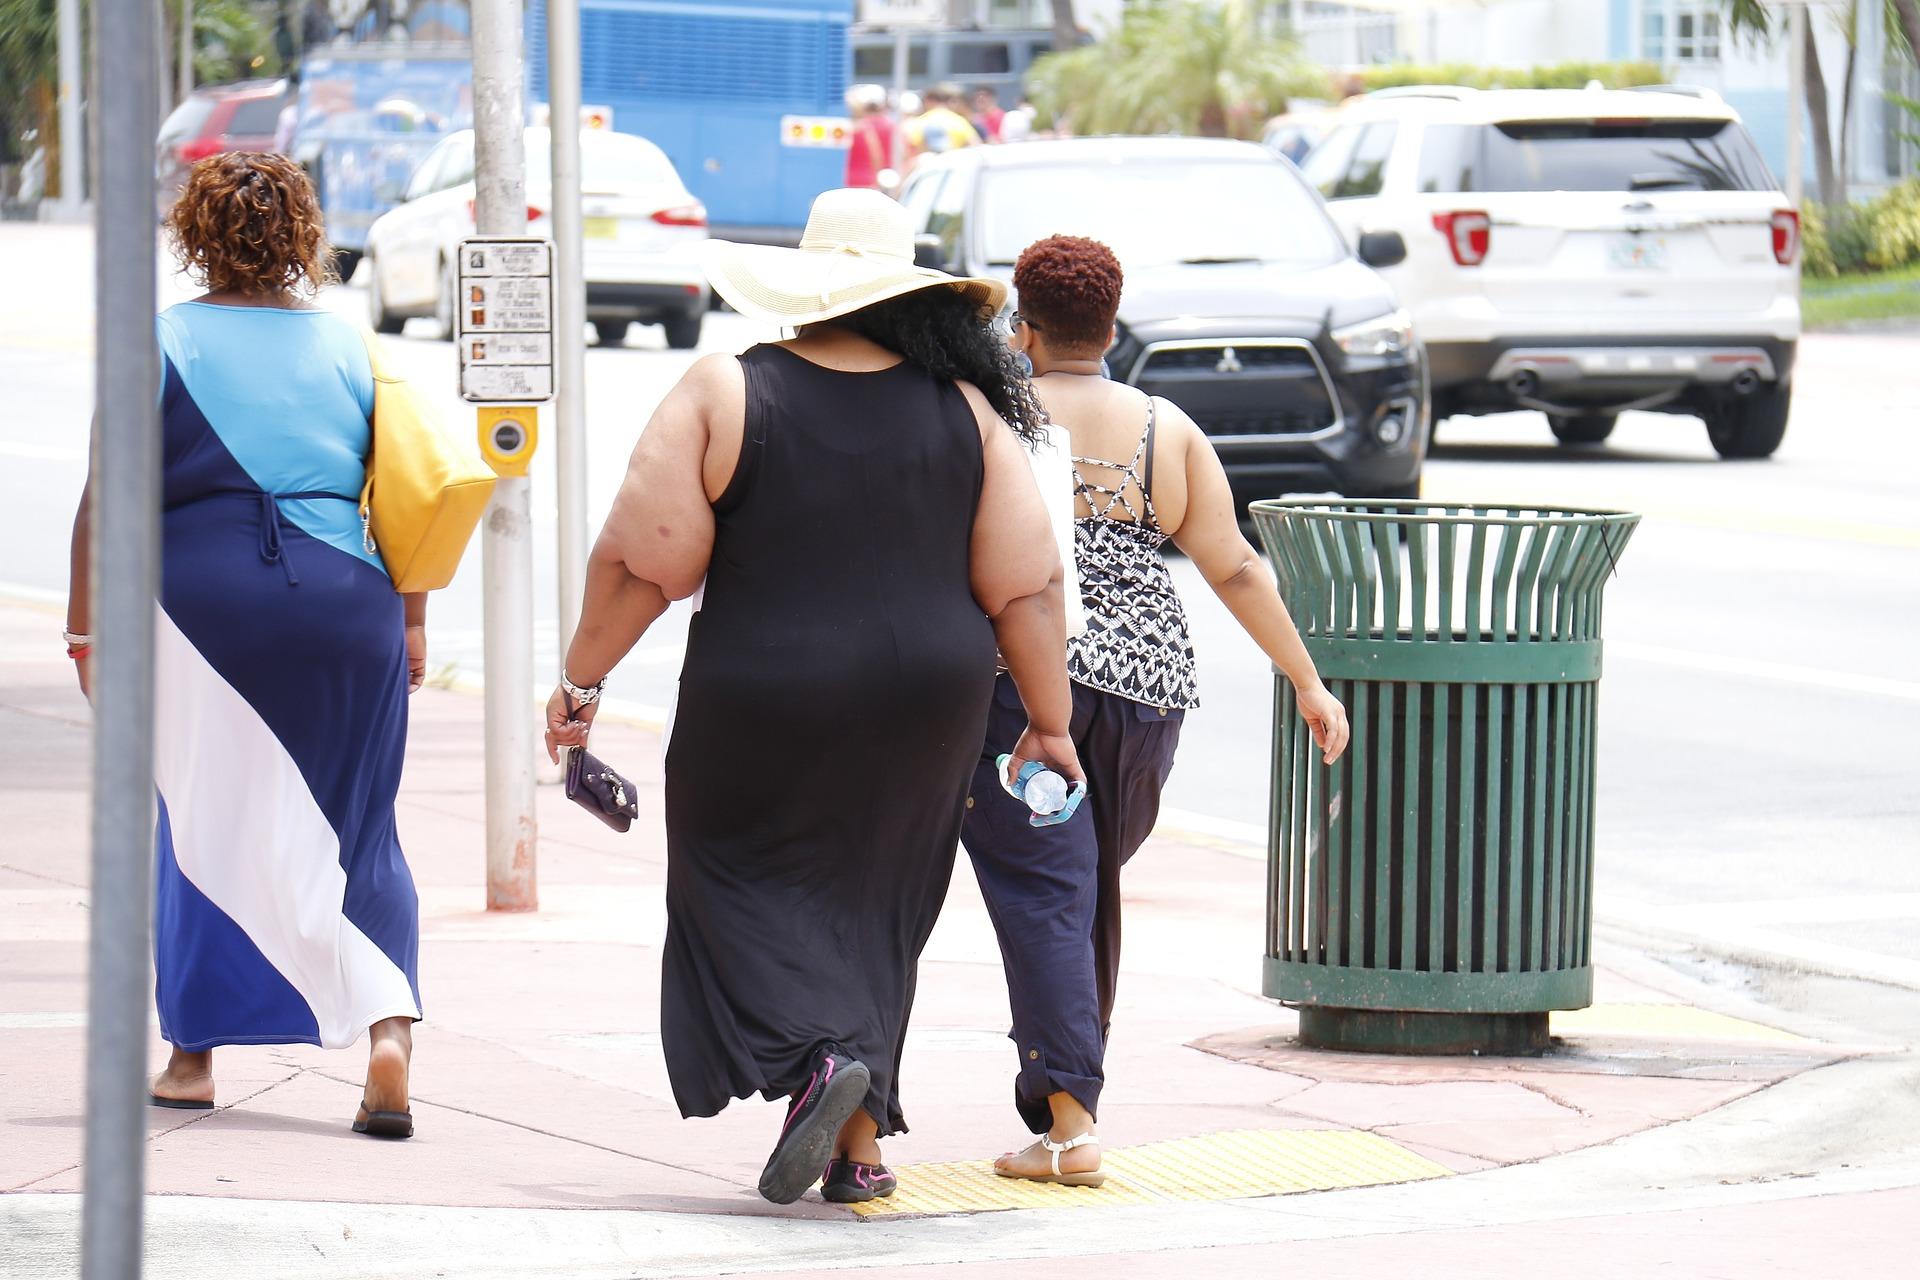 Чтобы сказать, нуждаются ли люди с ожирением 1-2 степеней в лечении, следует пройти ряд обследований